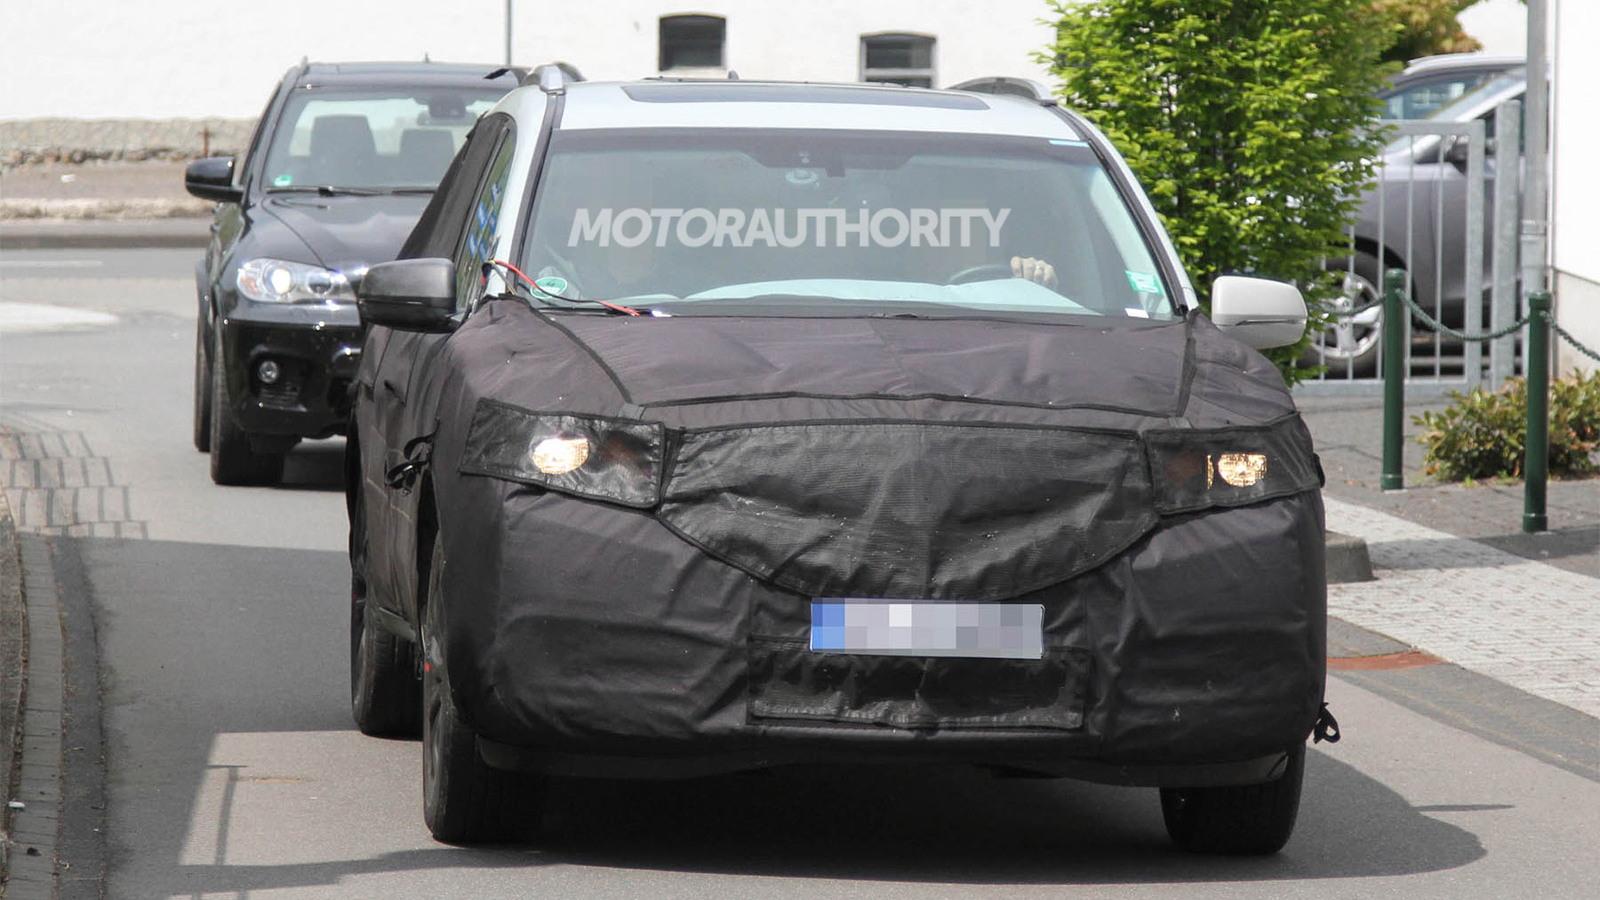 2014 Acura MDX spy shots